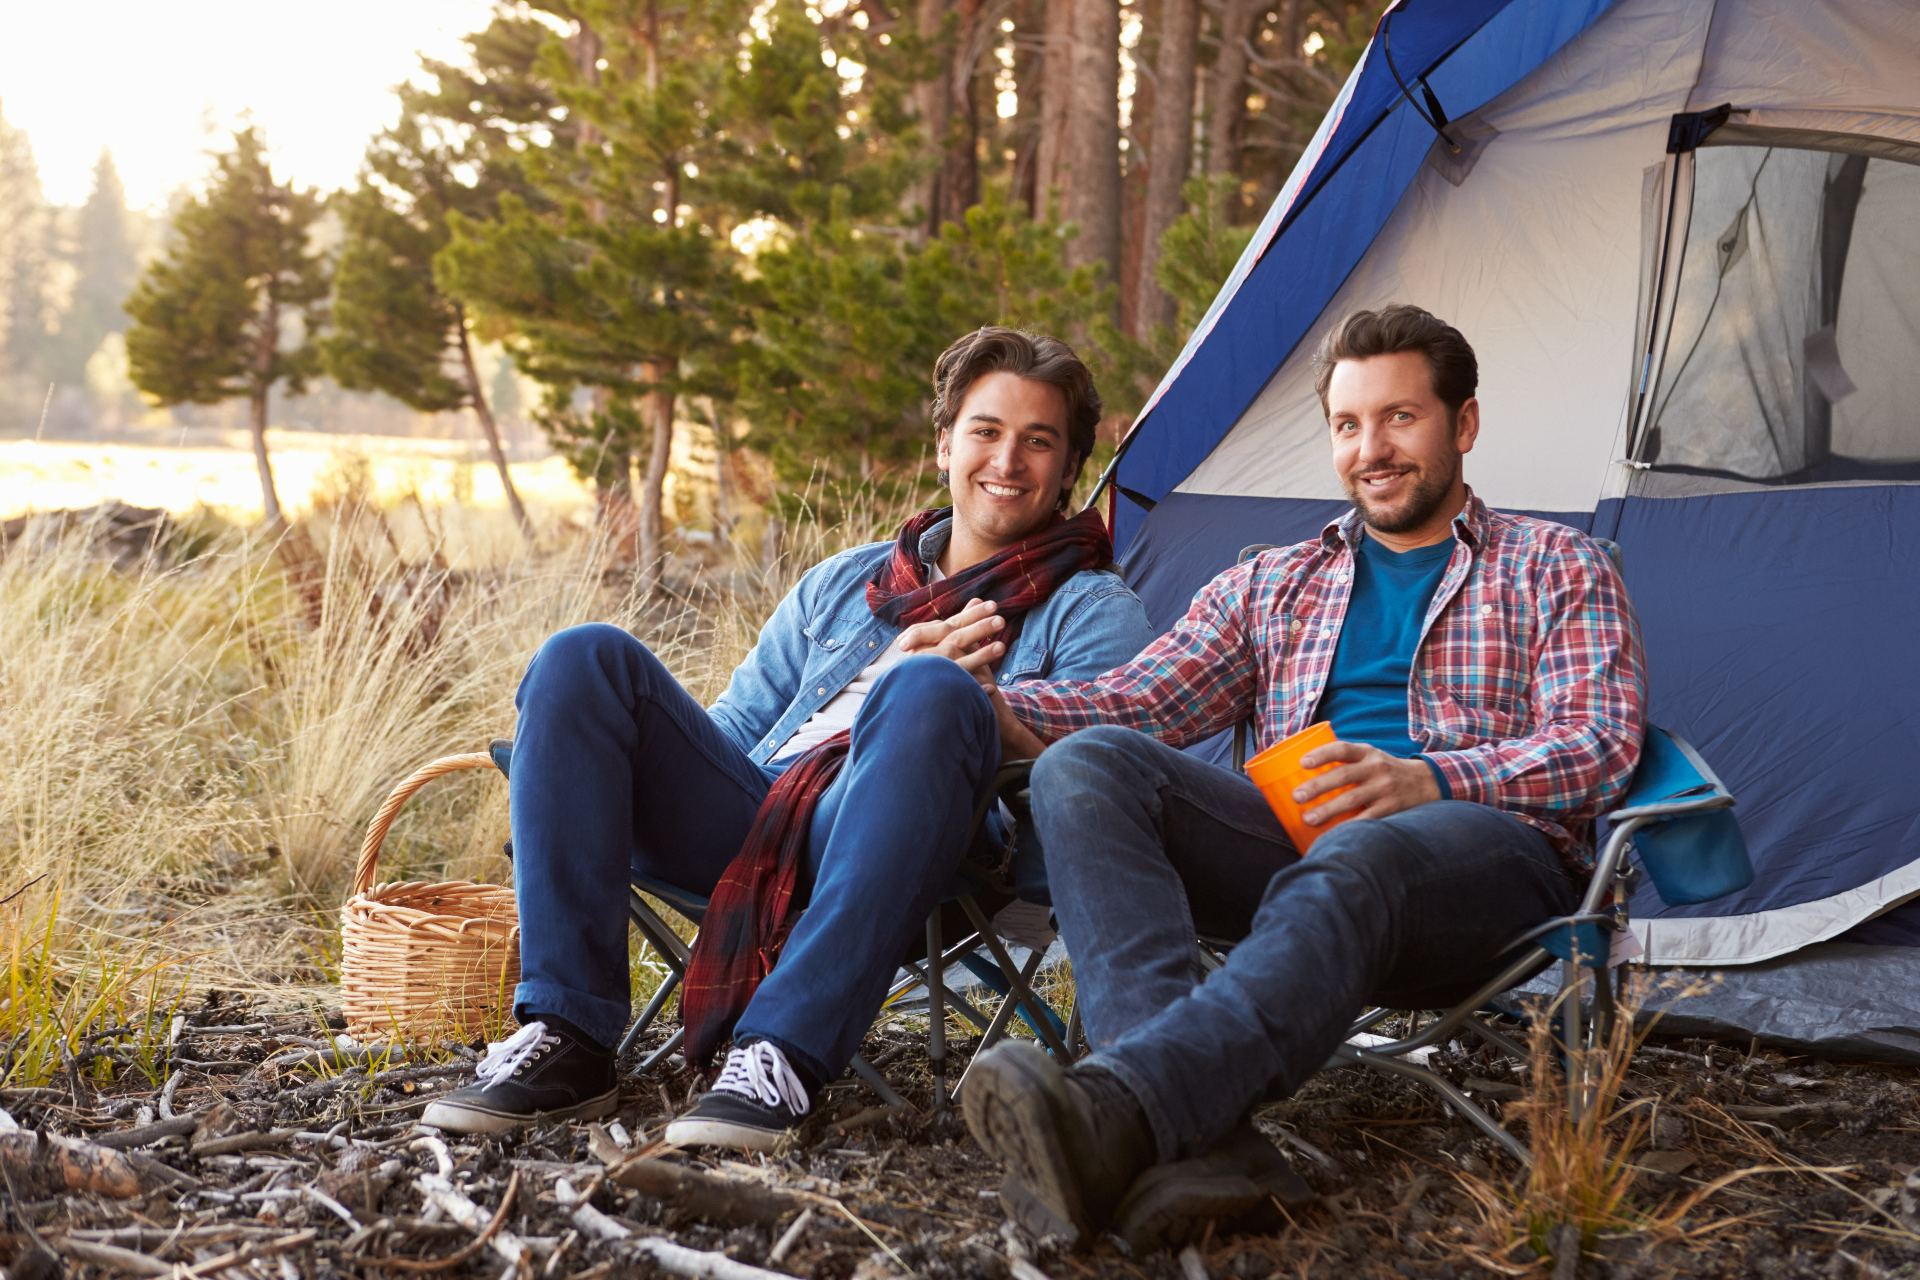 Camping - quel équipement outdoor pour partir en couple ?